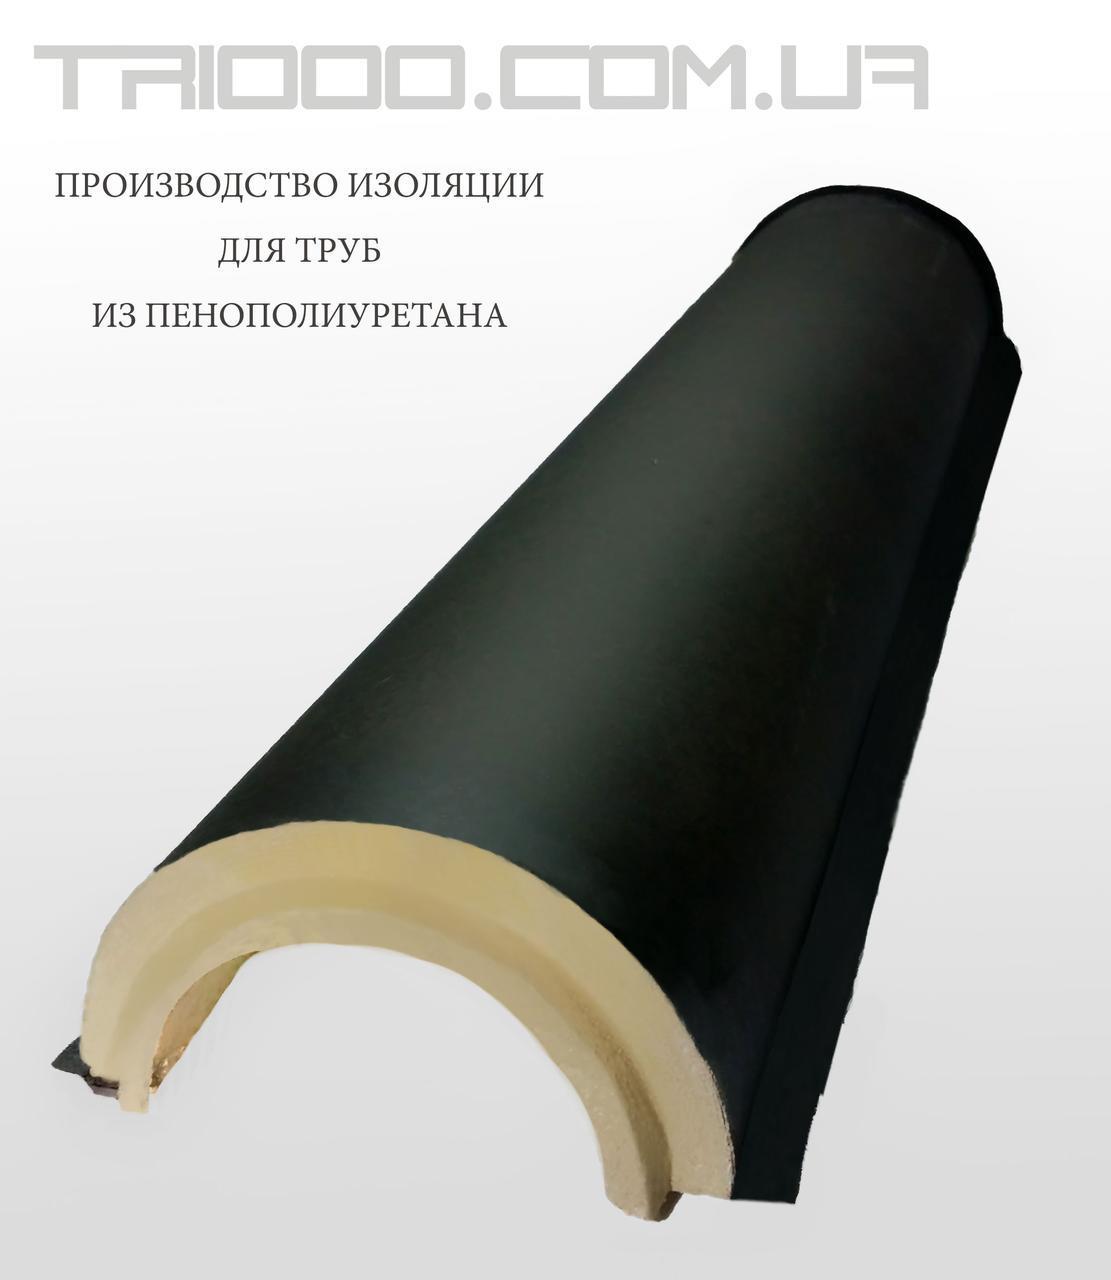 Сегменты теплоизоляционные для труб Ø 140/36 мм в покрытии из пергамина